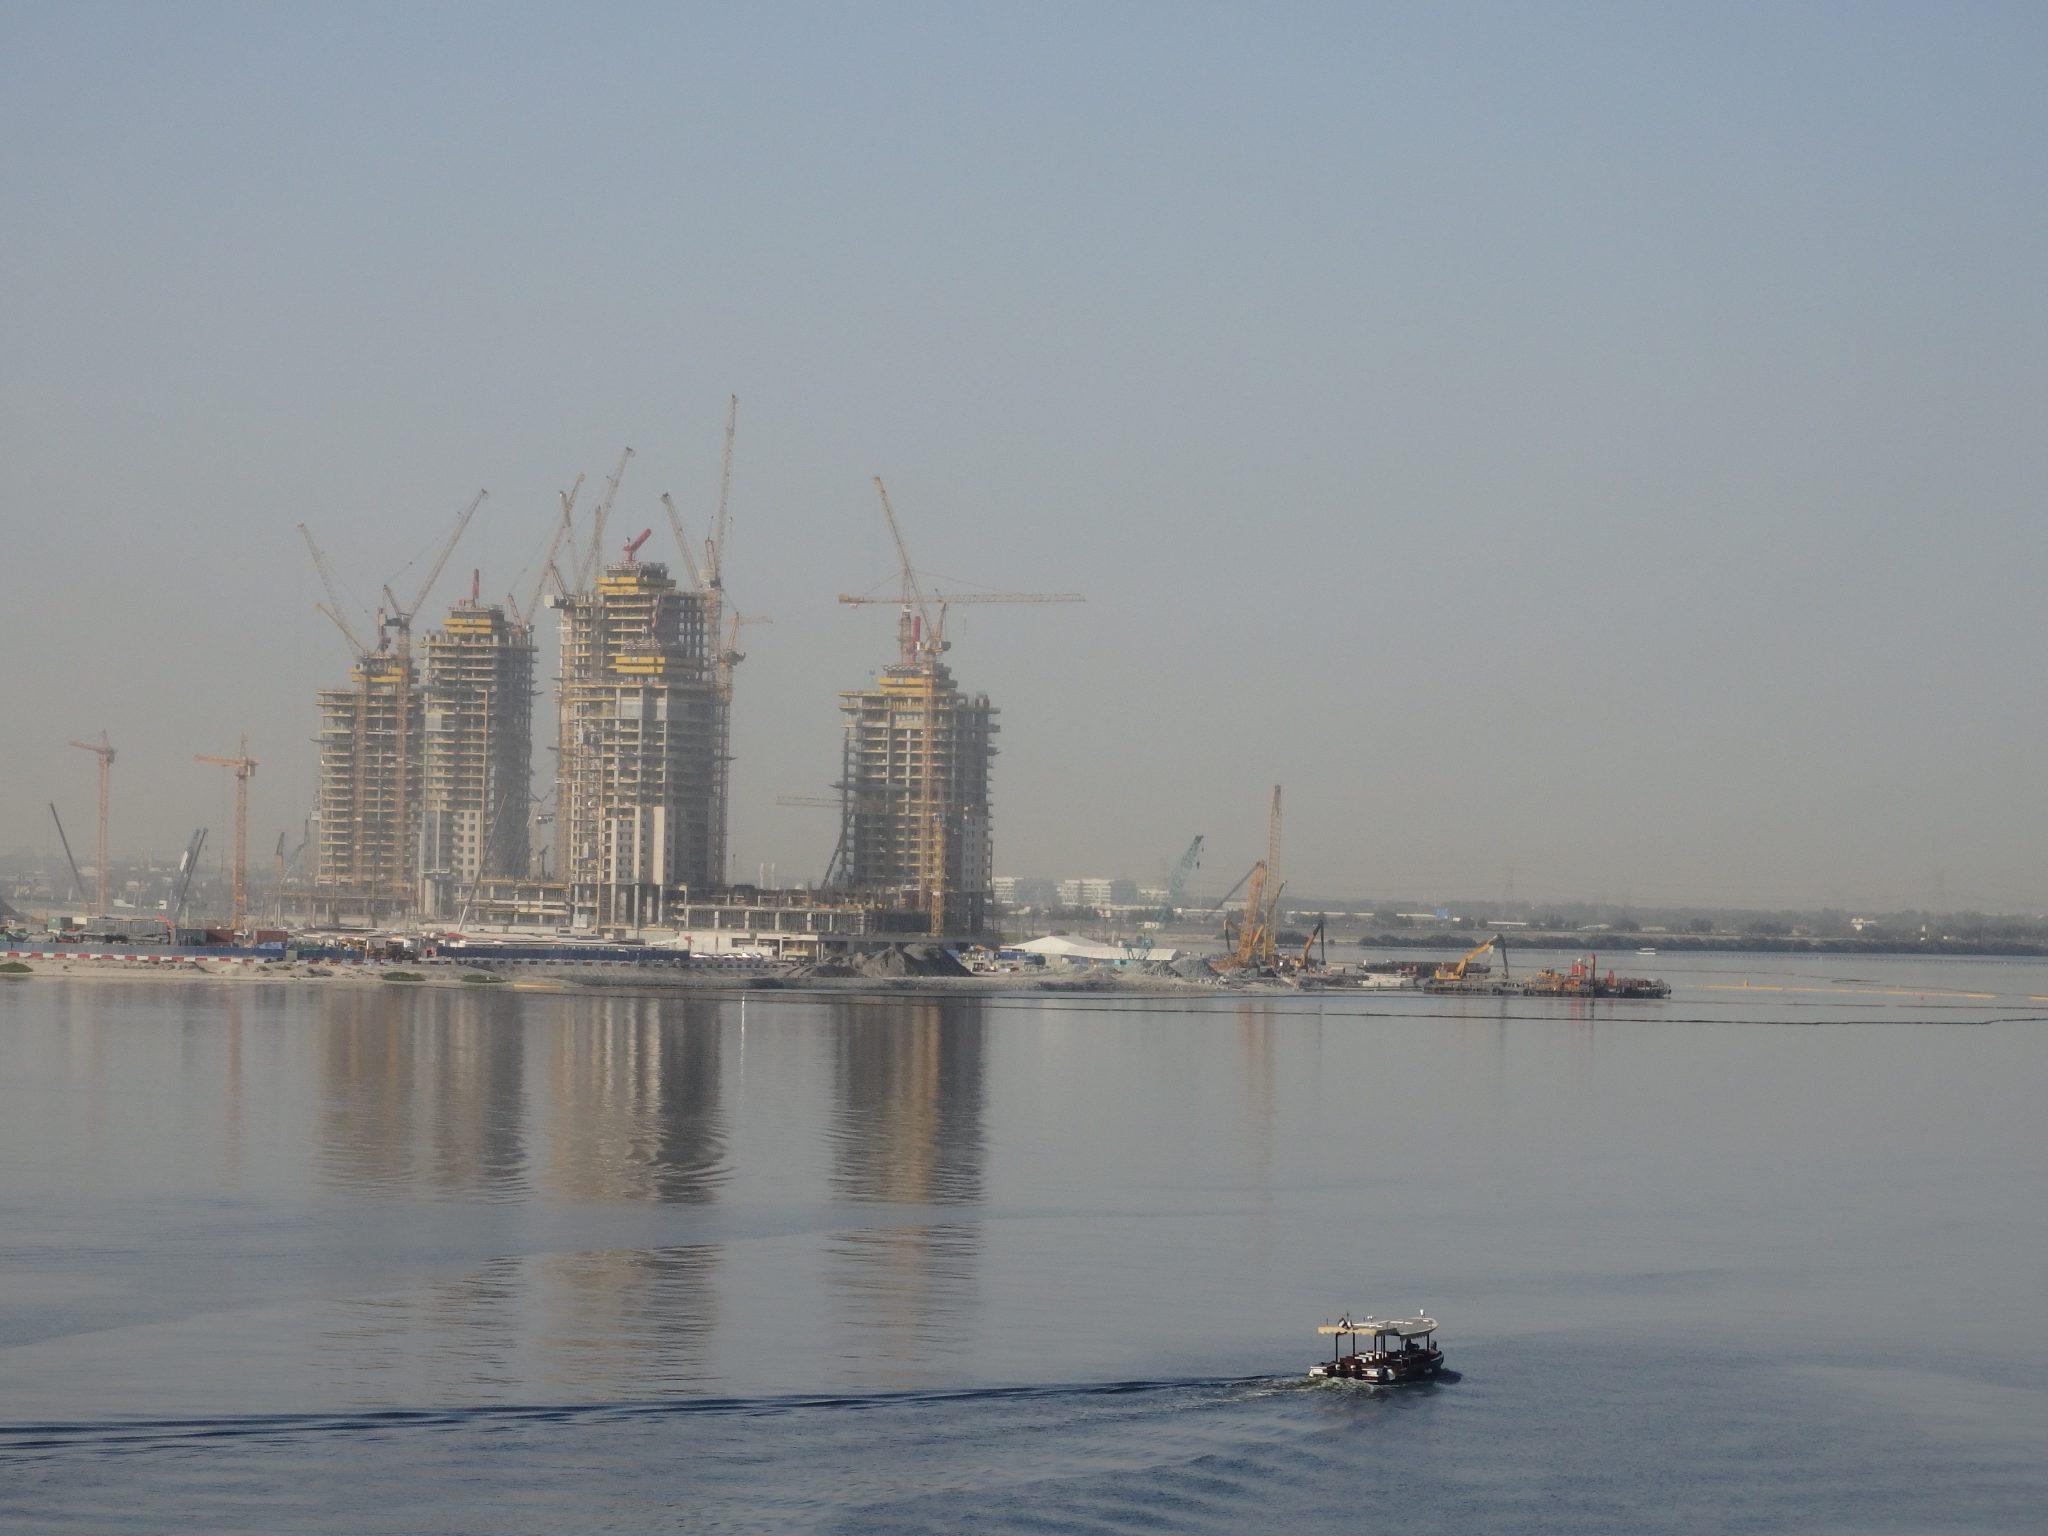 Construction has begun at the Tower at Dubai Creek